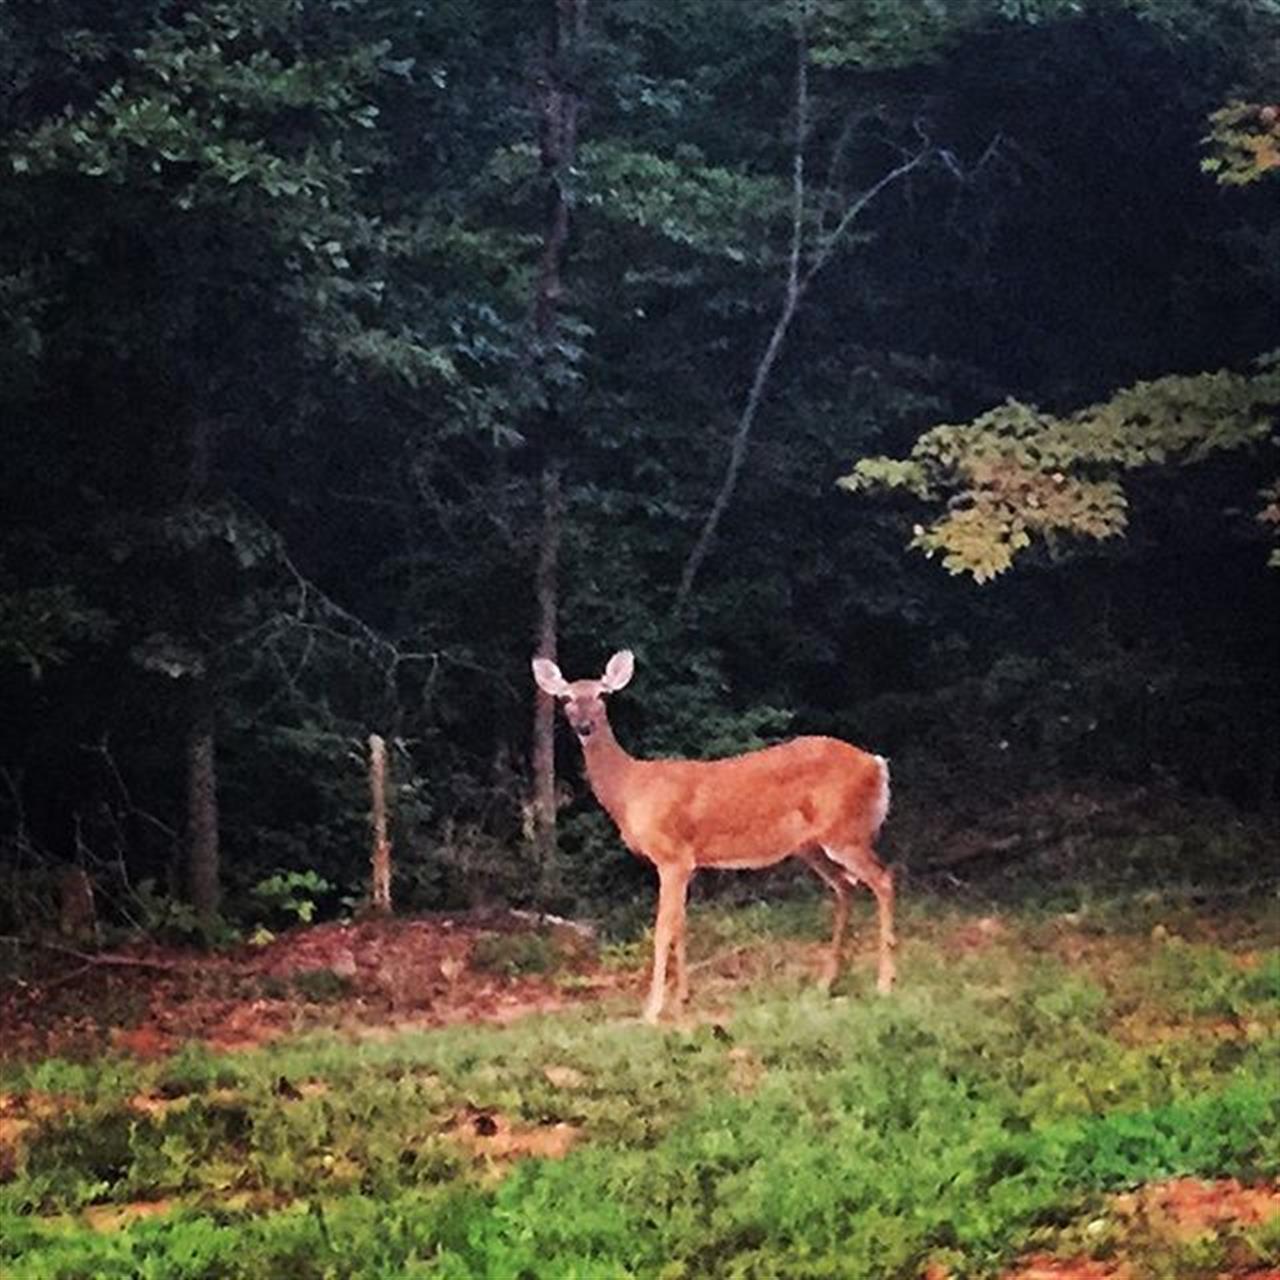 Deer in Gainesville GA neighborhood